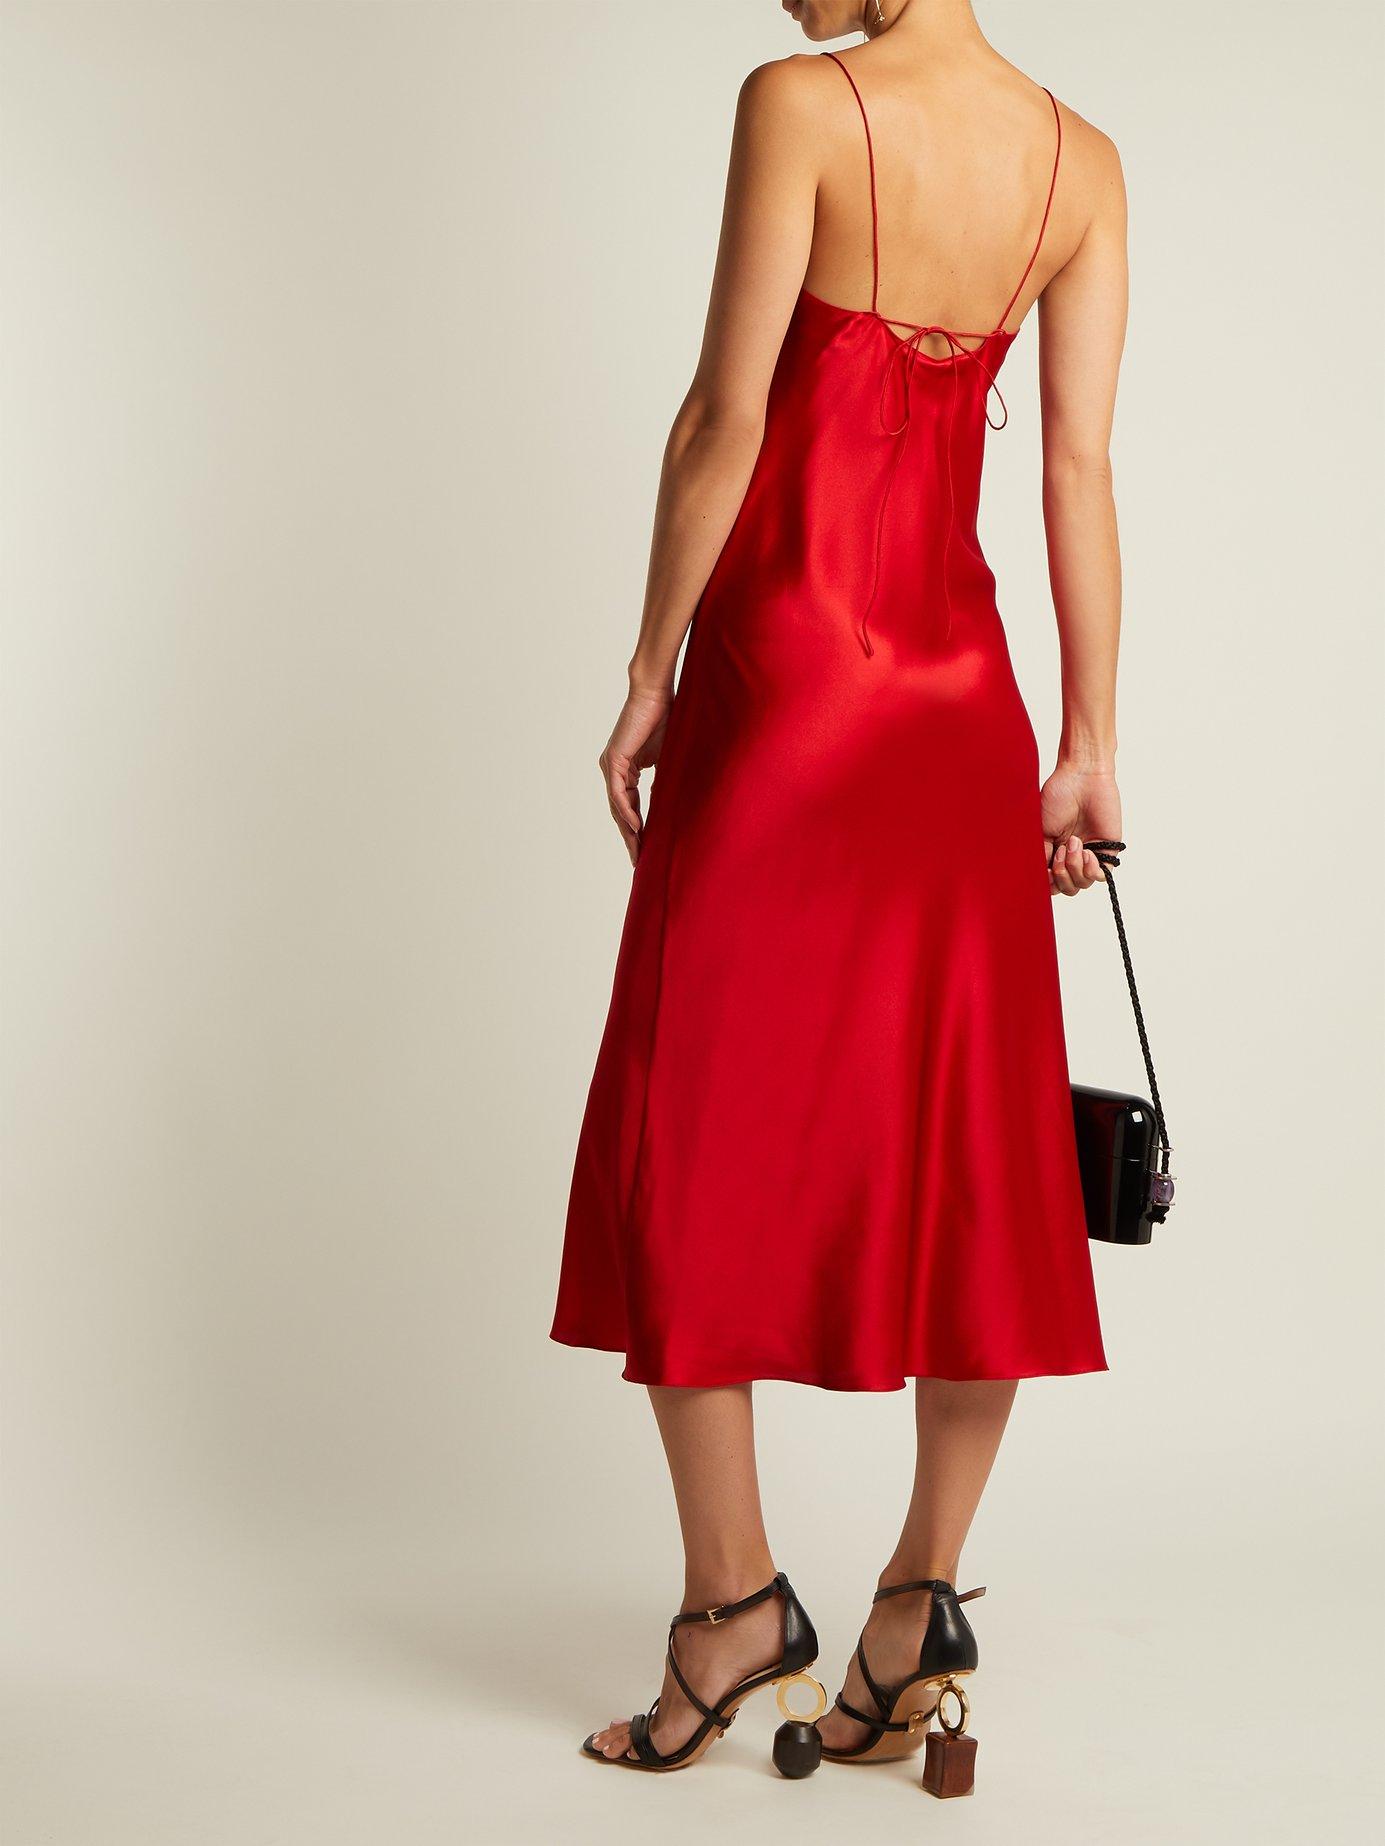 Jadi silk-satin slip dress by Adriana Iglesias